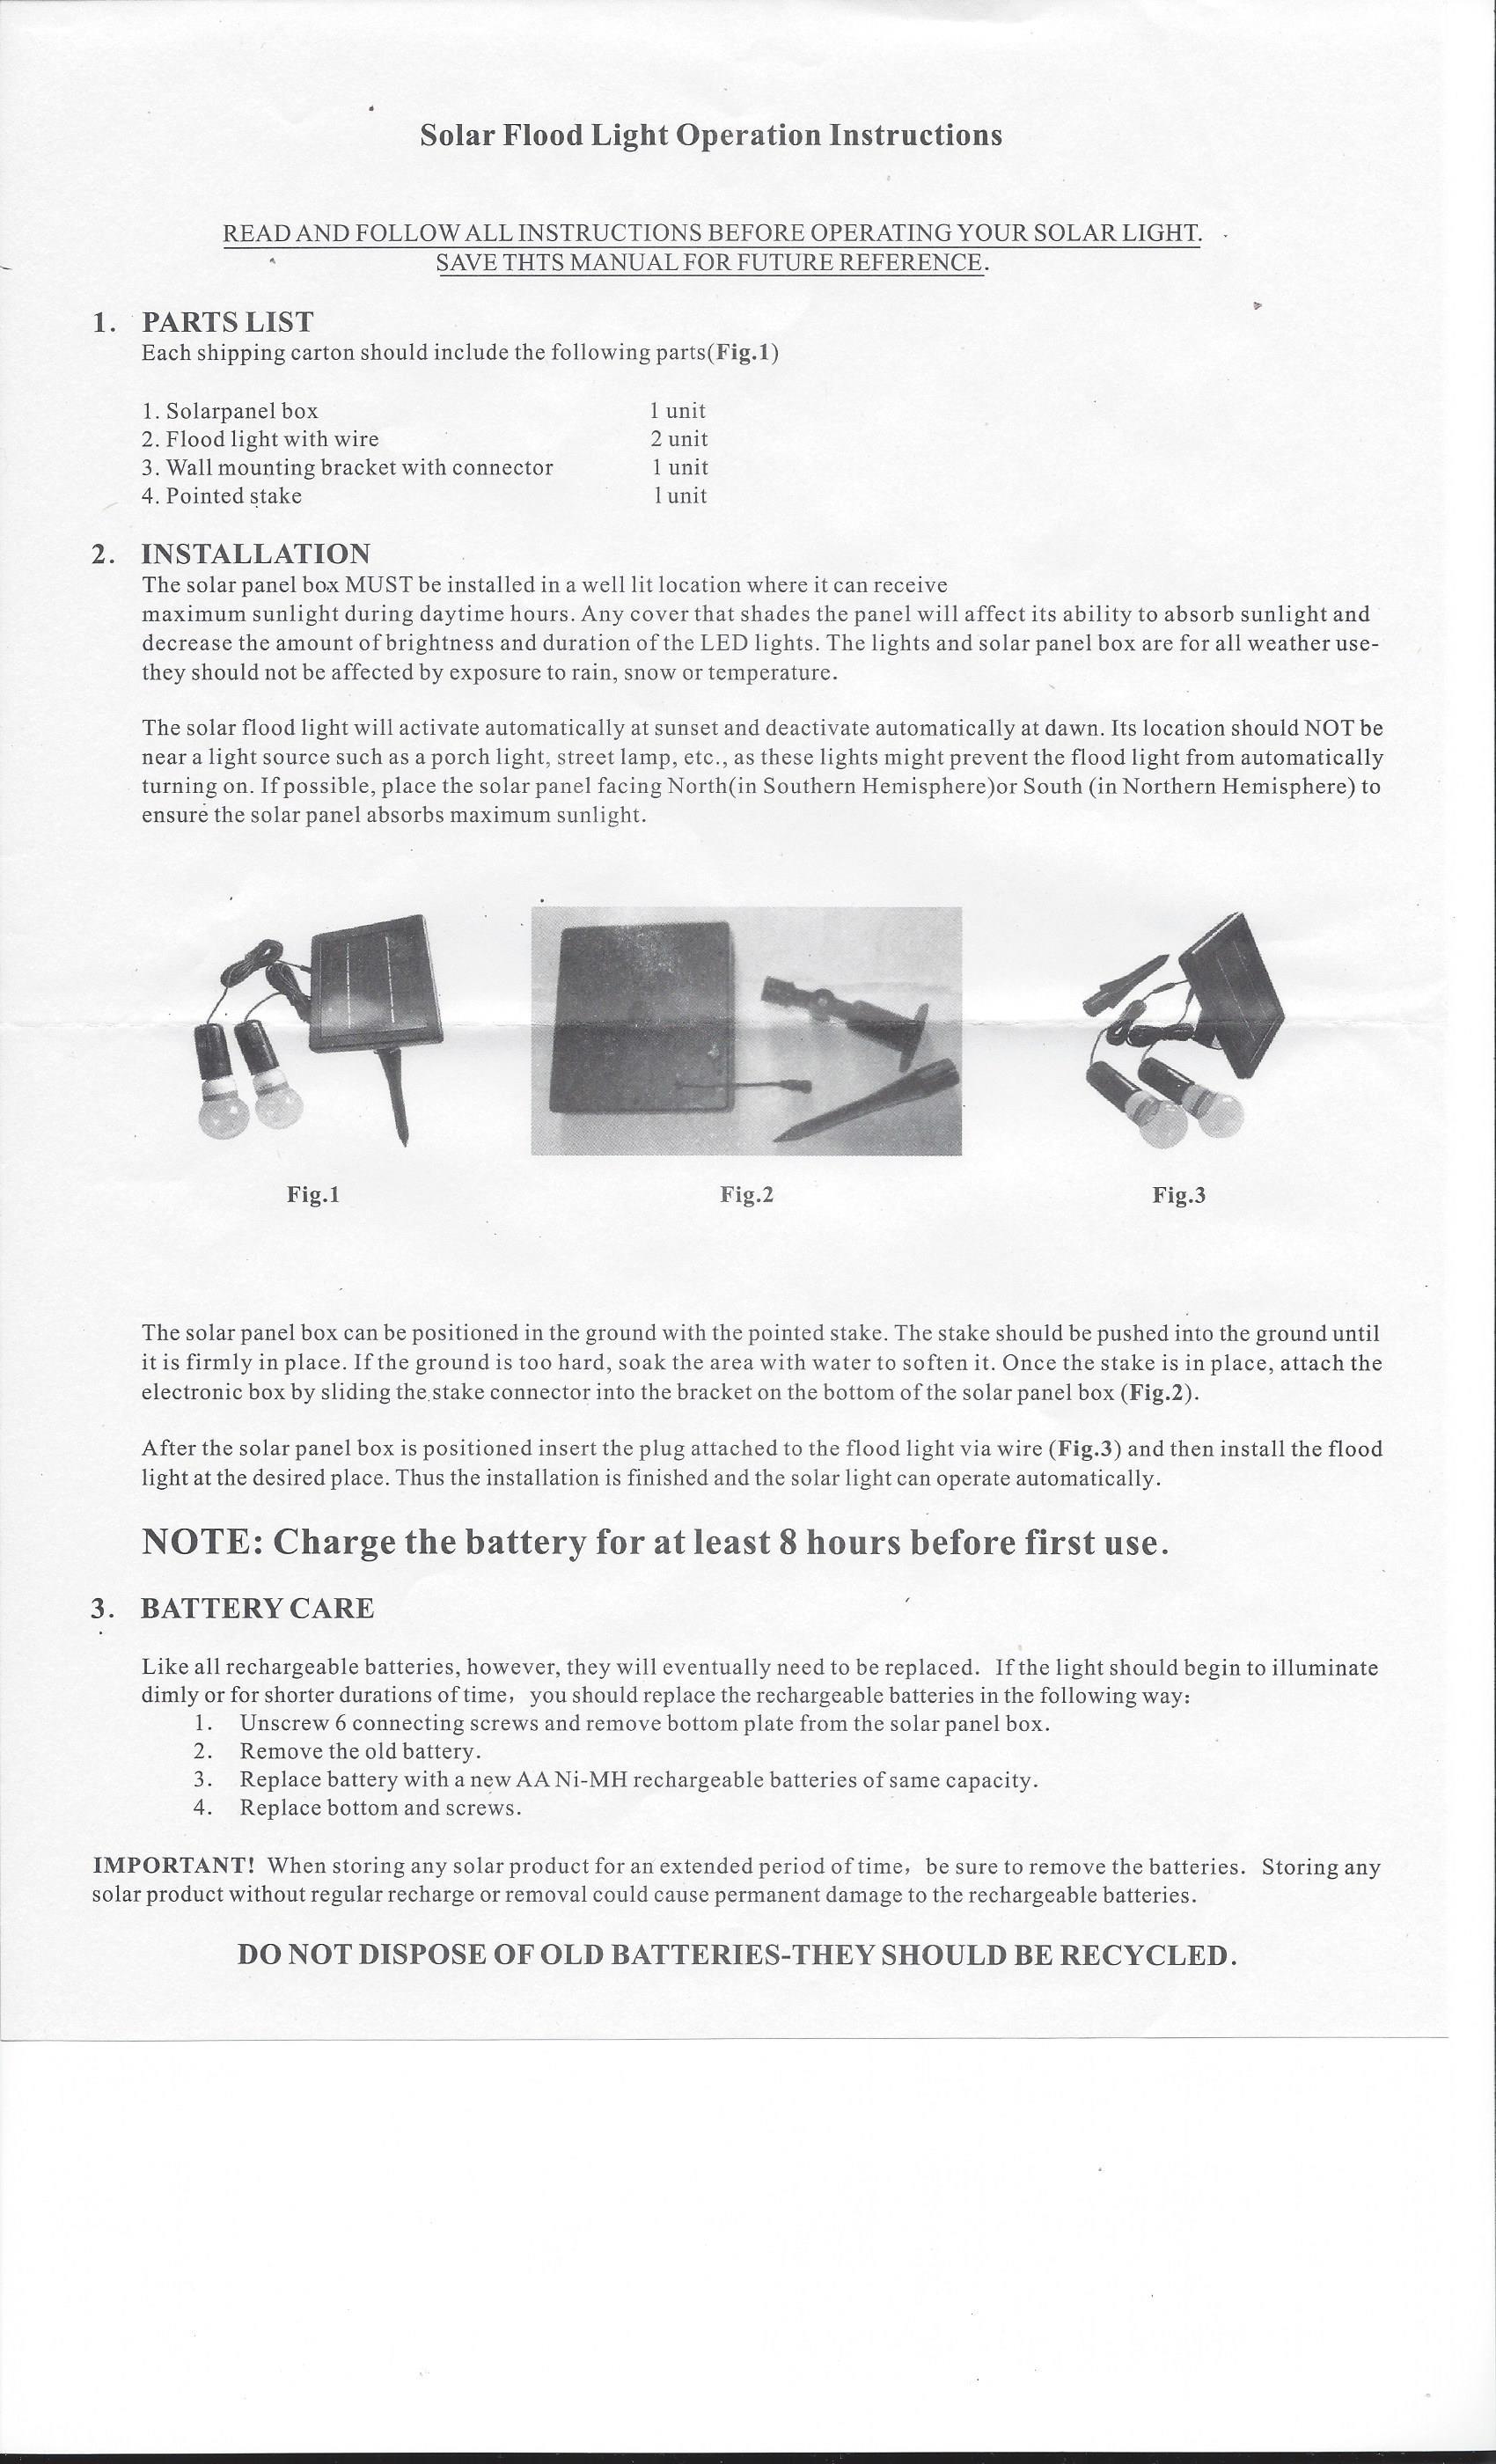 Solar Powered Lighting Kit for Lighthouses - Instructions